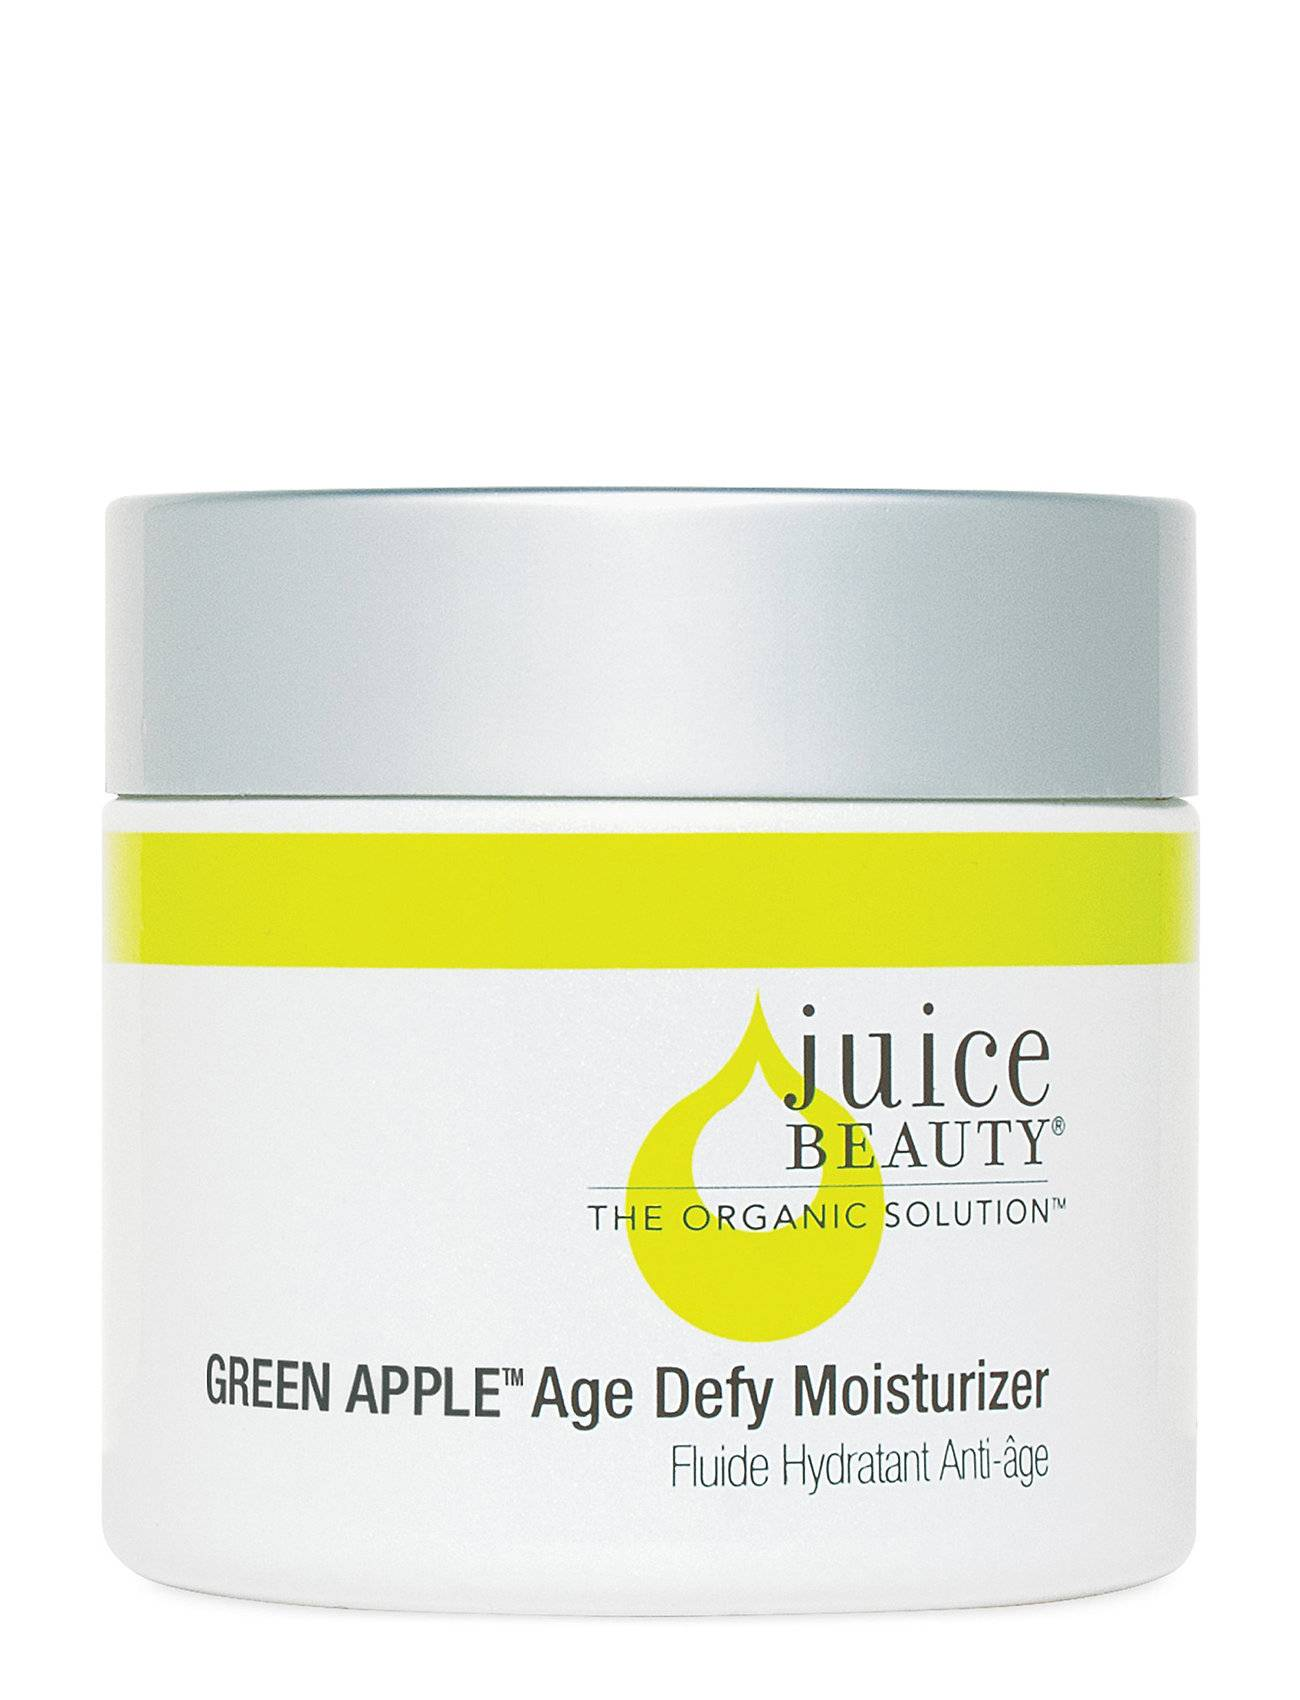 Juice Beauty Green Apple™ Age Defy Moisturizer